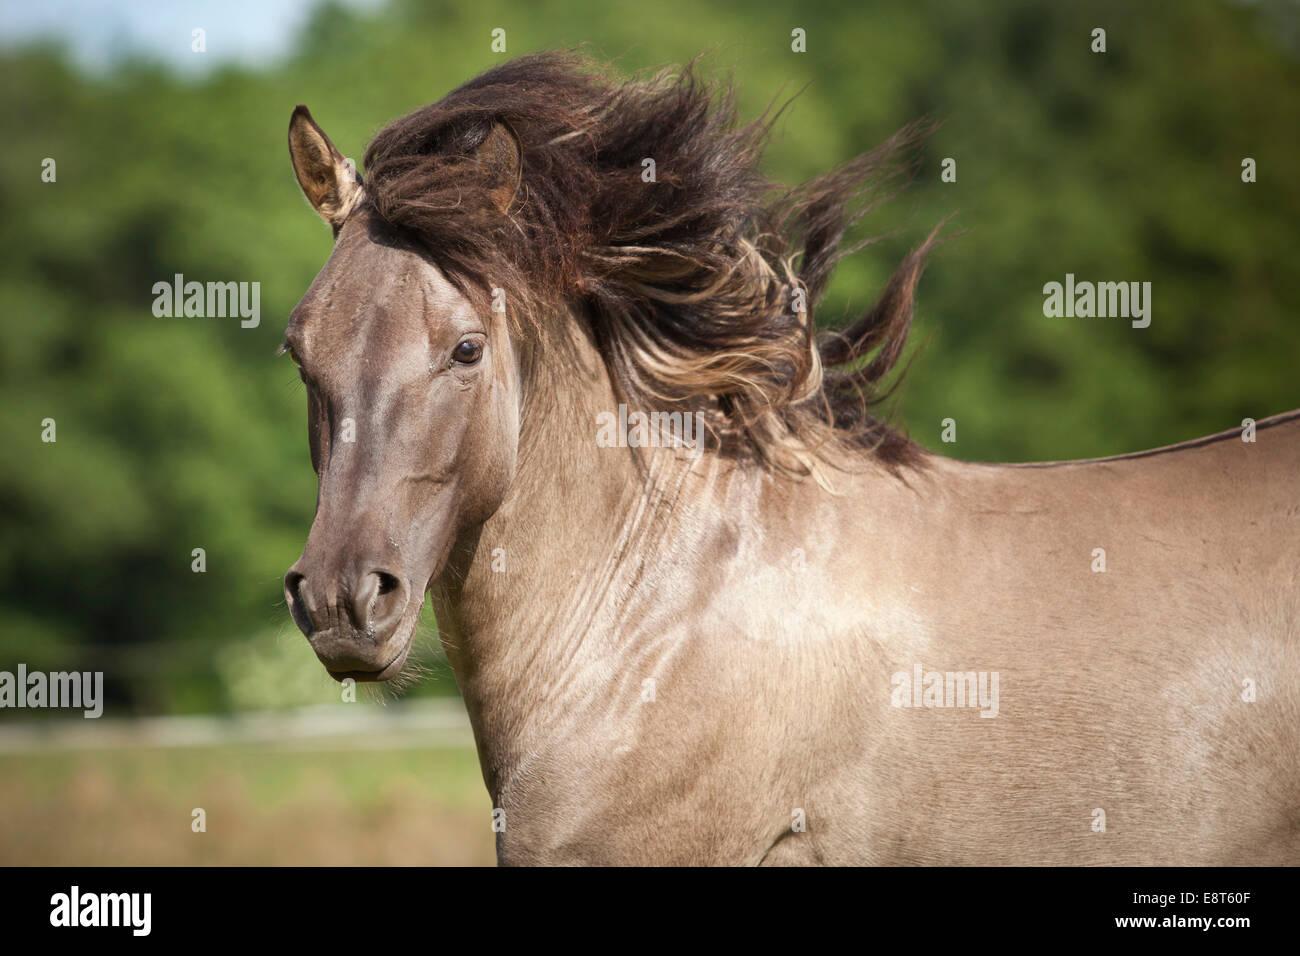 Stallion, Konik polonais ou Wild horse, portrait Banque D'Images